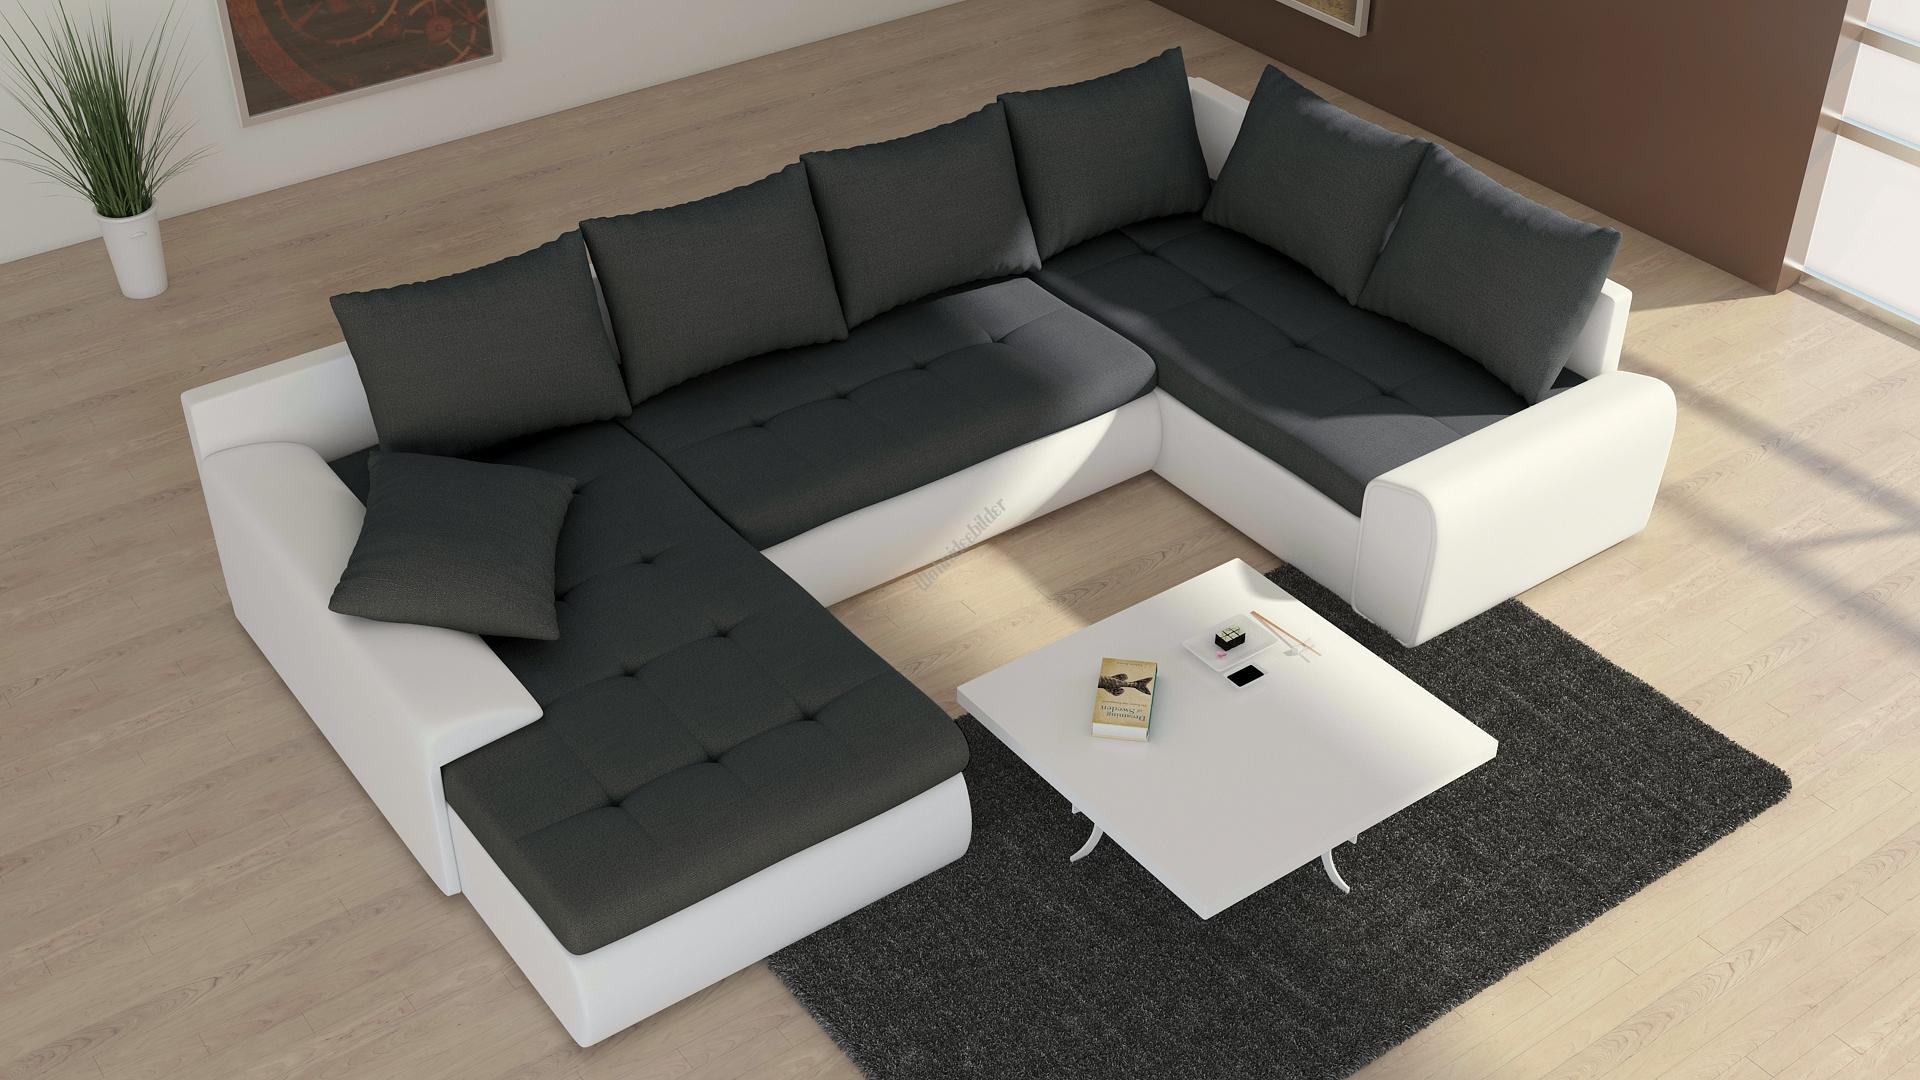 Full Size of Couchgarnitur Schlafsofa Polsterecke Sofagarnitur Sofa Future 2 Big Braun Online Kaufen Lounge Garten Bett 180x200 Komplett Mit Lattenrost Und Matratze Breit Sofa Sofa U Form